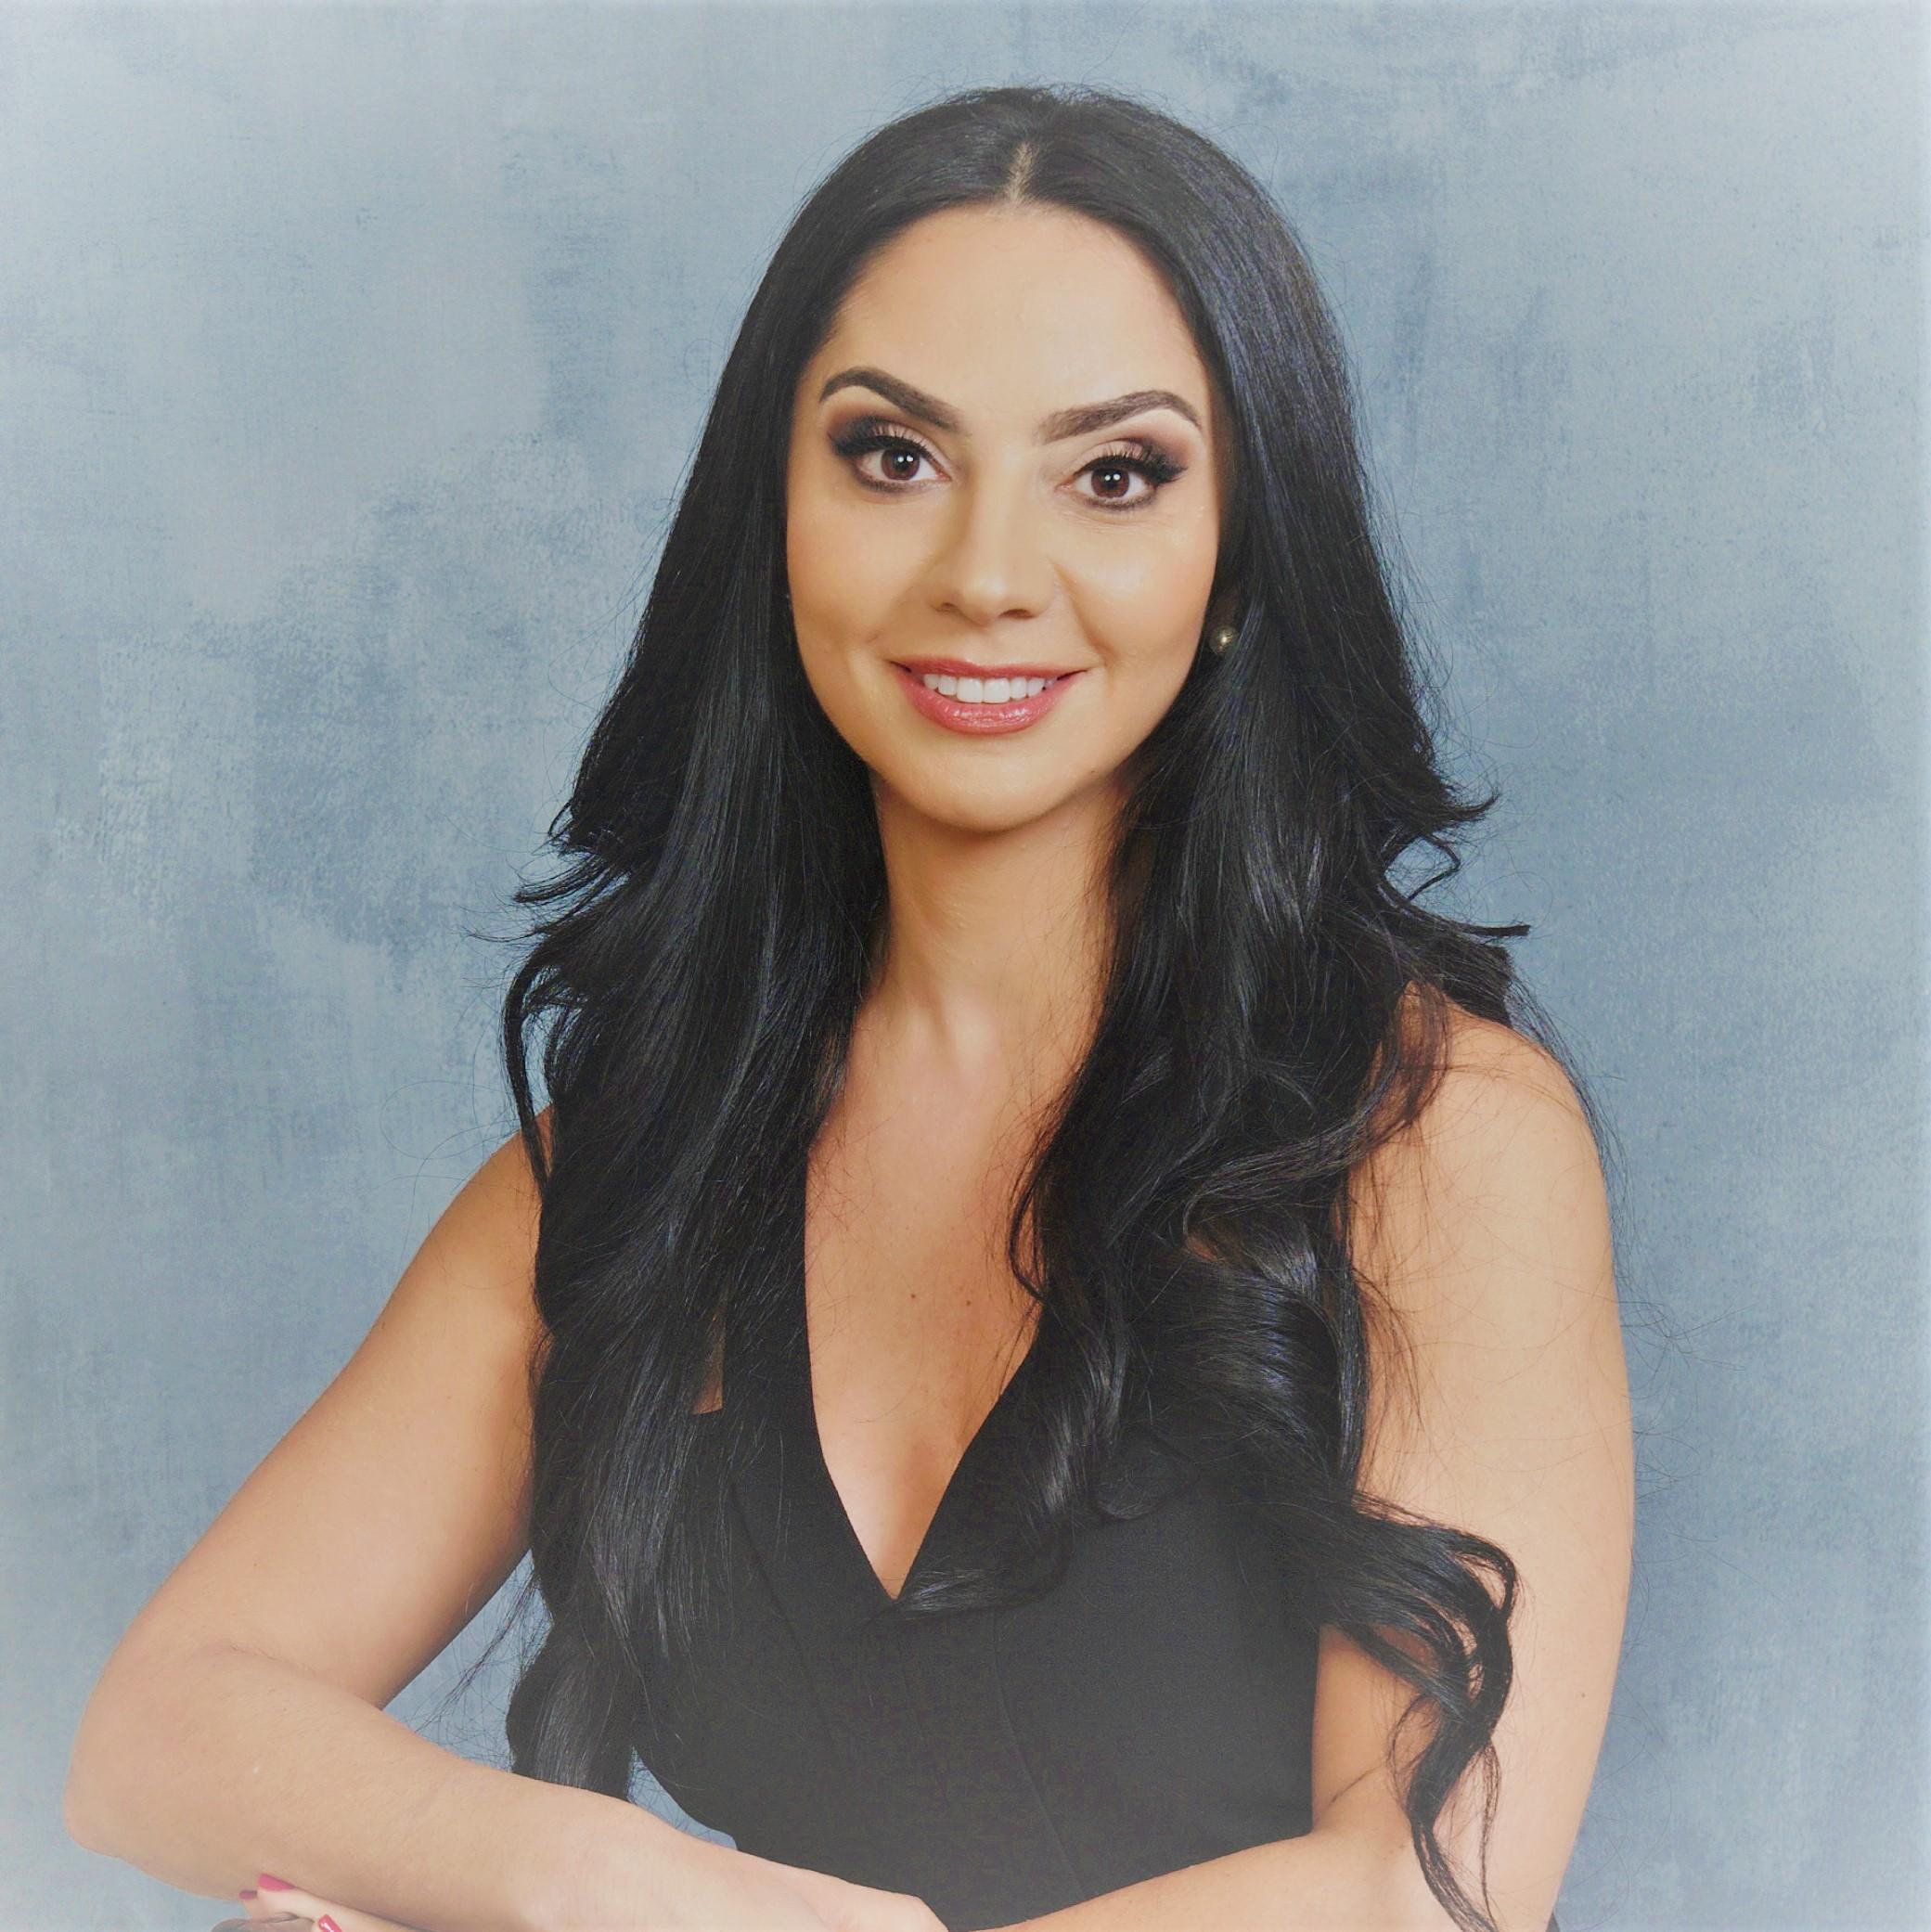 Jessica Massad